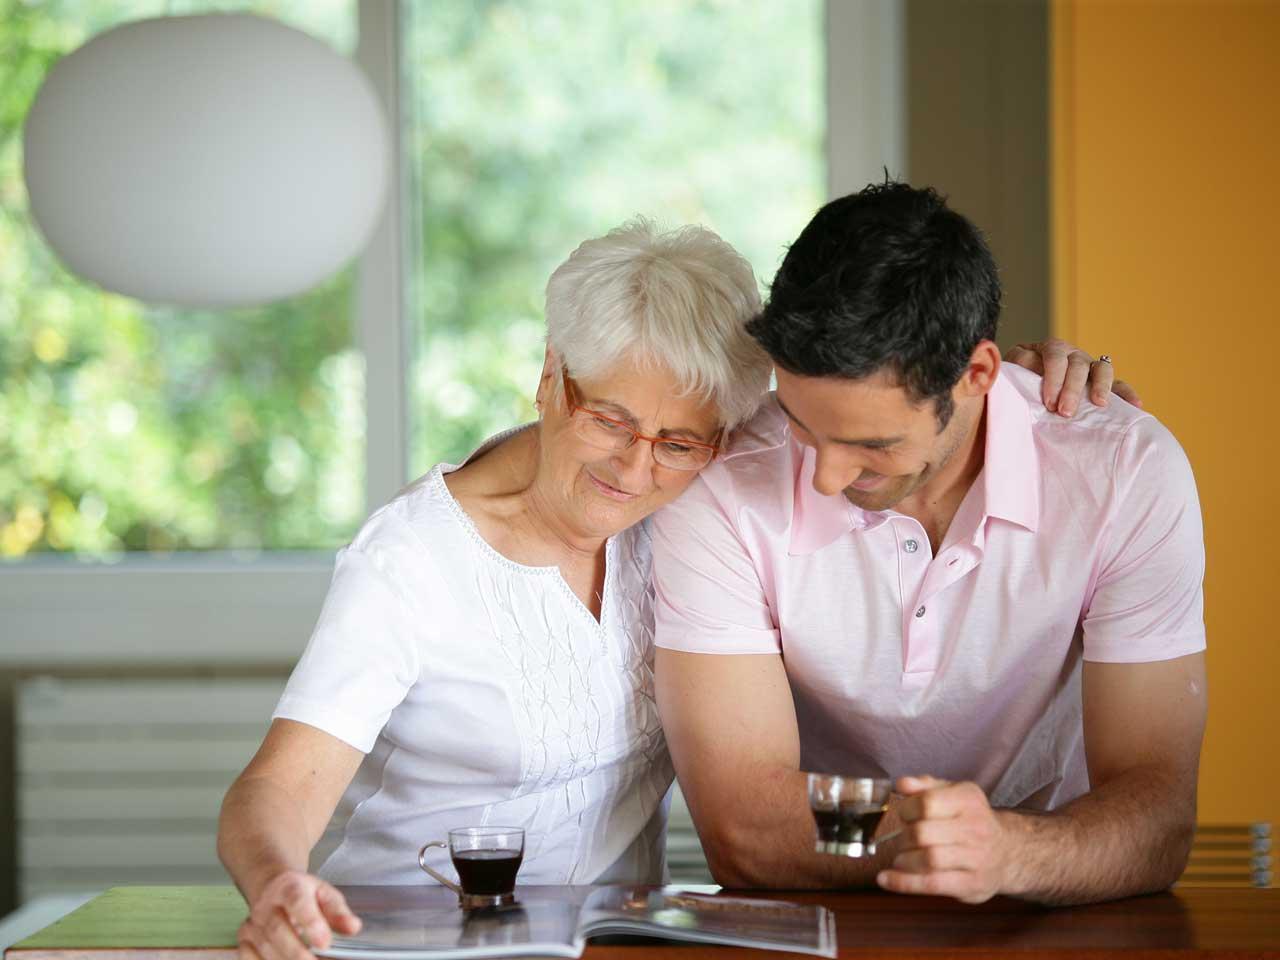 Истражувањата покажуваат: Колку повеќе време поминувате со вашата мајка, толку подолго ќе живее таа